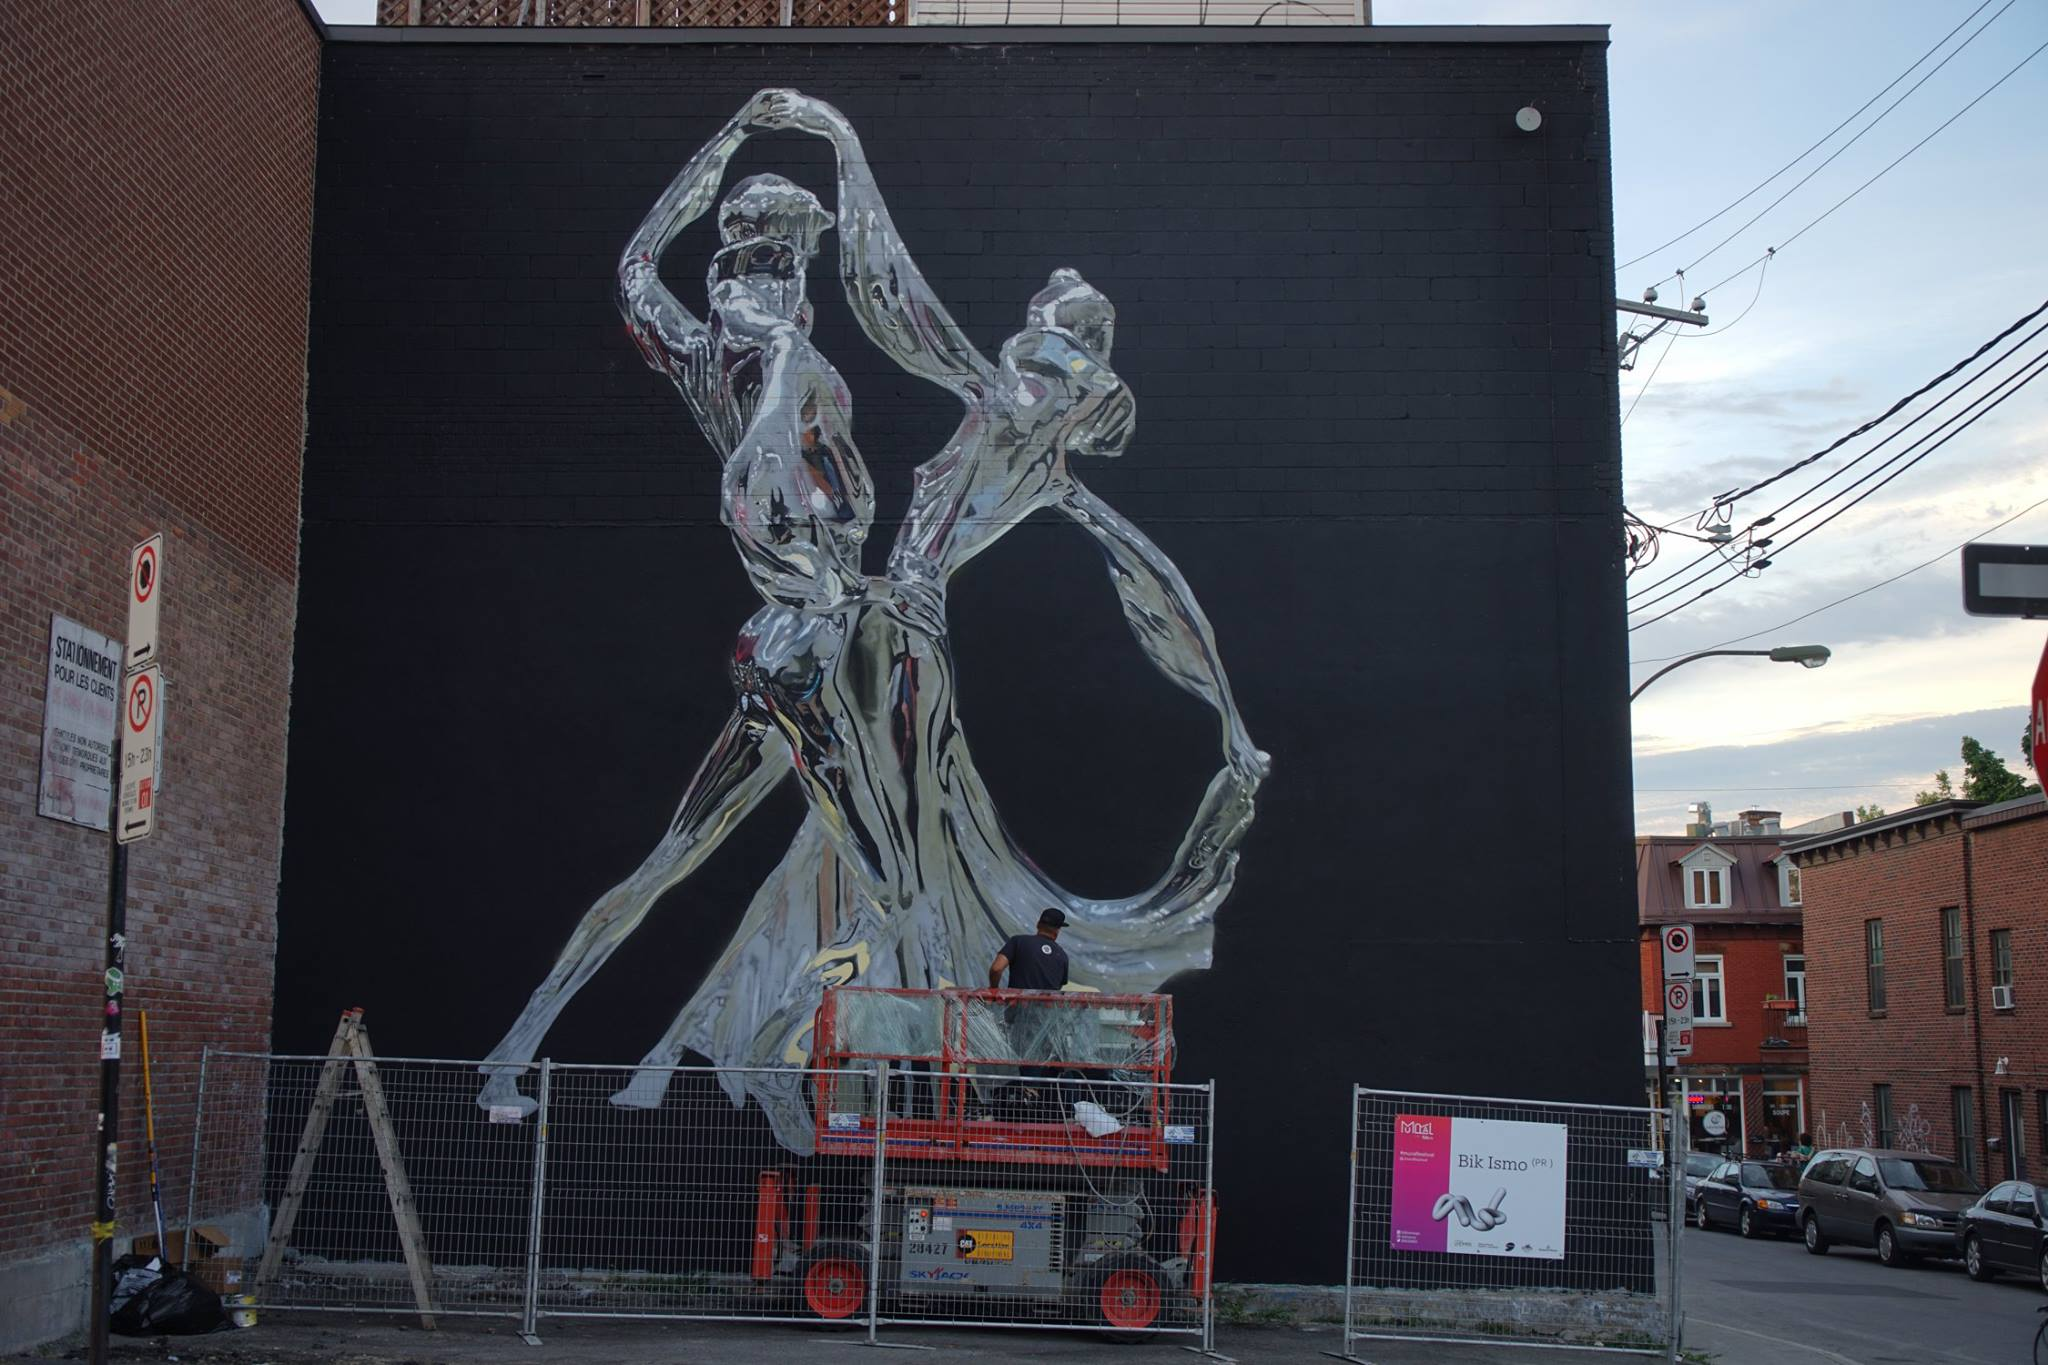 Bik Ismo : Haloppig Urban Art Consulting